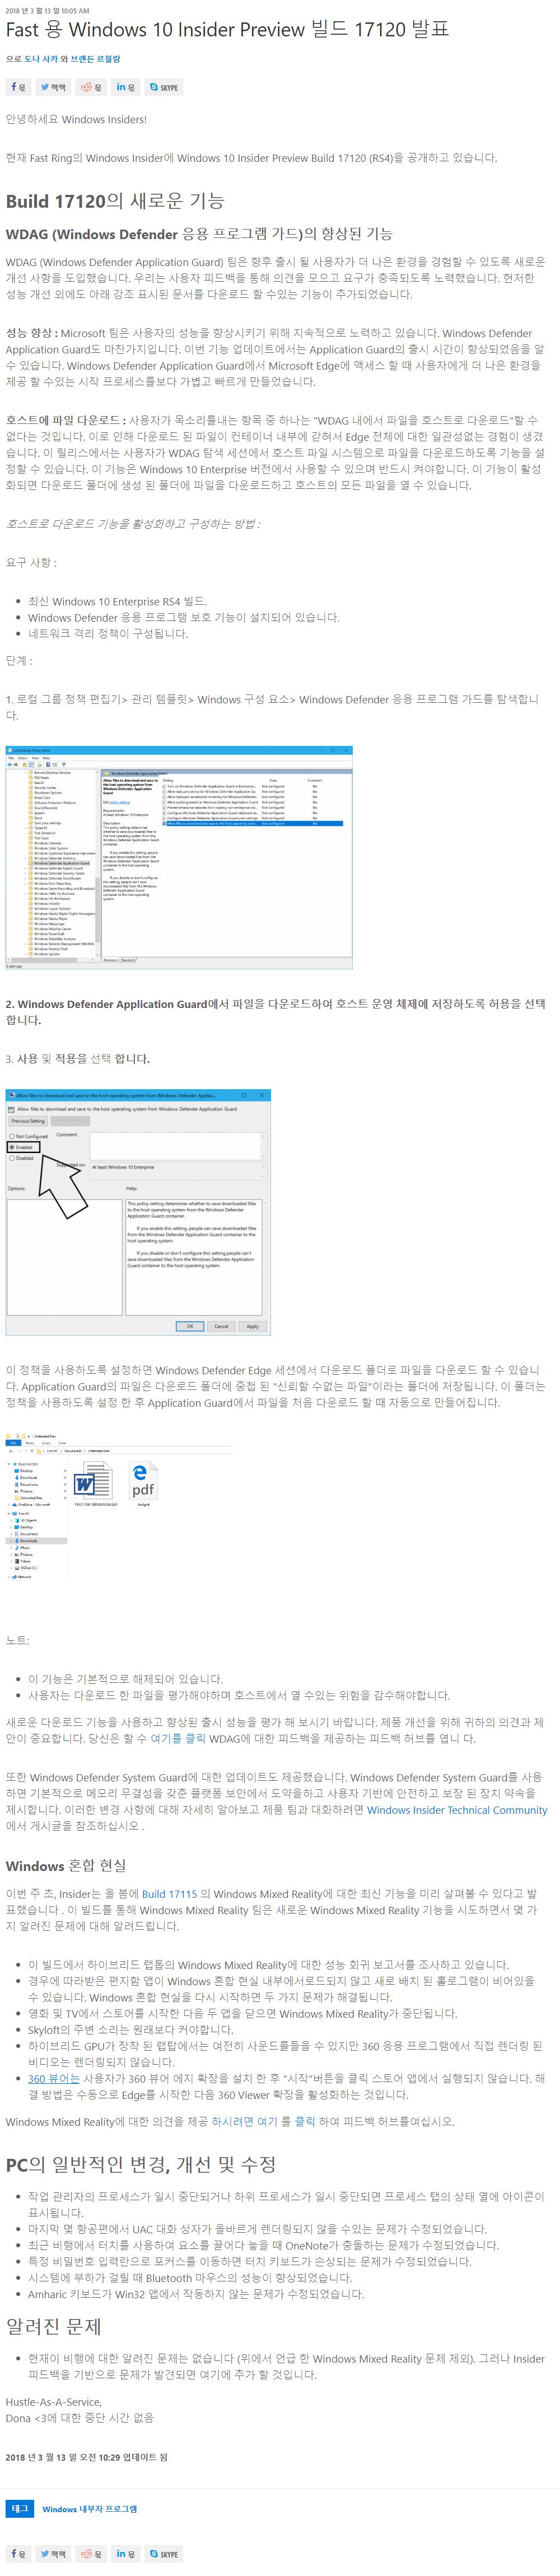 윈도10 레드스톤4 인사이더 프리뷰 17120.1 빌드 나왔네요 - ms 블로그 - 크롬 번역 2018-03-14_041626.png